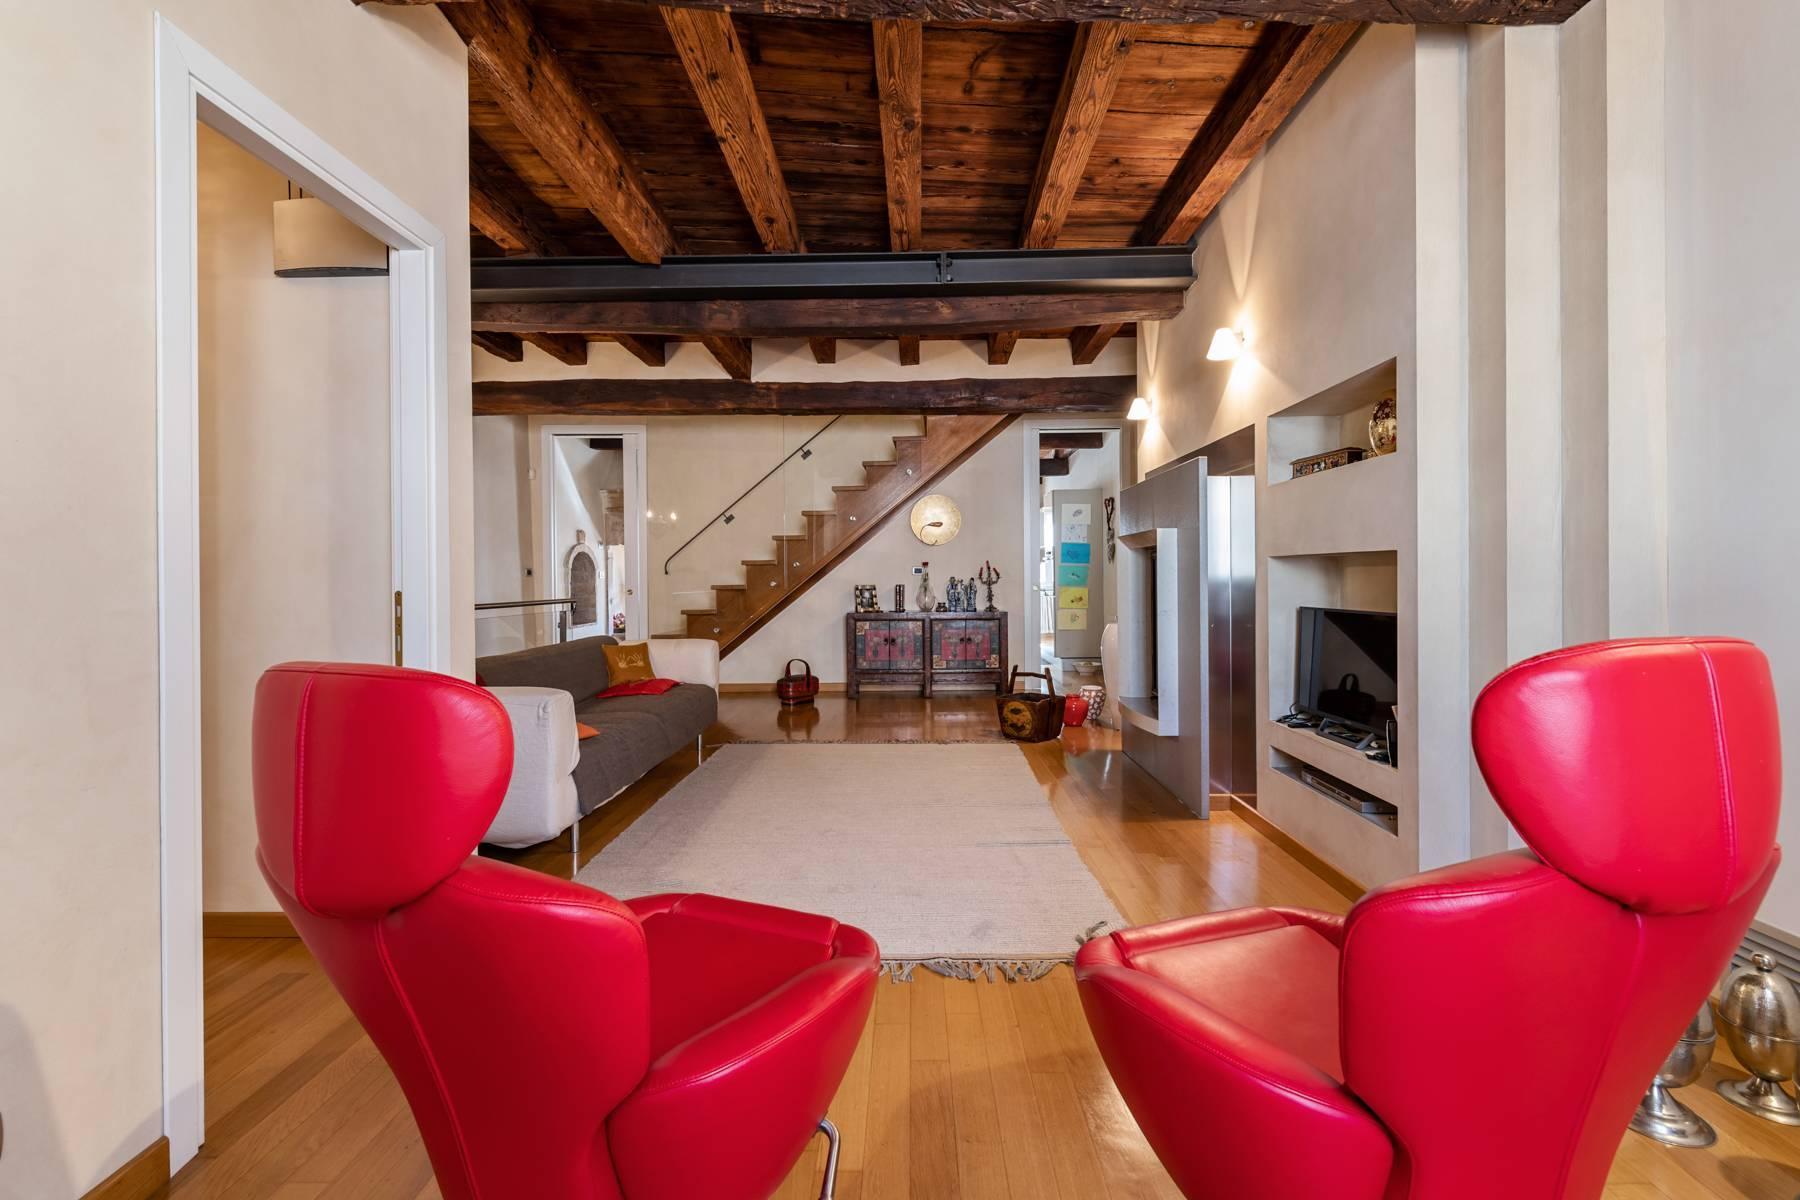 Renoviertes Gebäude aus dem 15. Jahrhundert im historischen Zentrum von Serravalle, Heimat des Malers Antonello Da Serravalle - 3